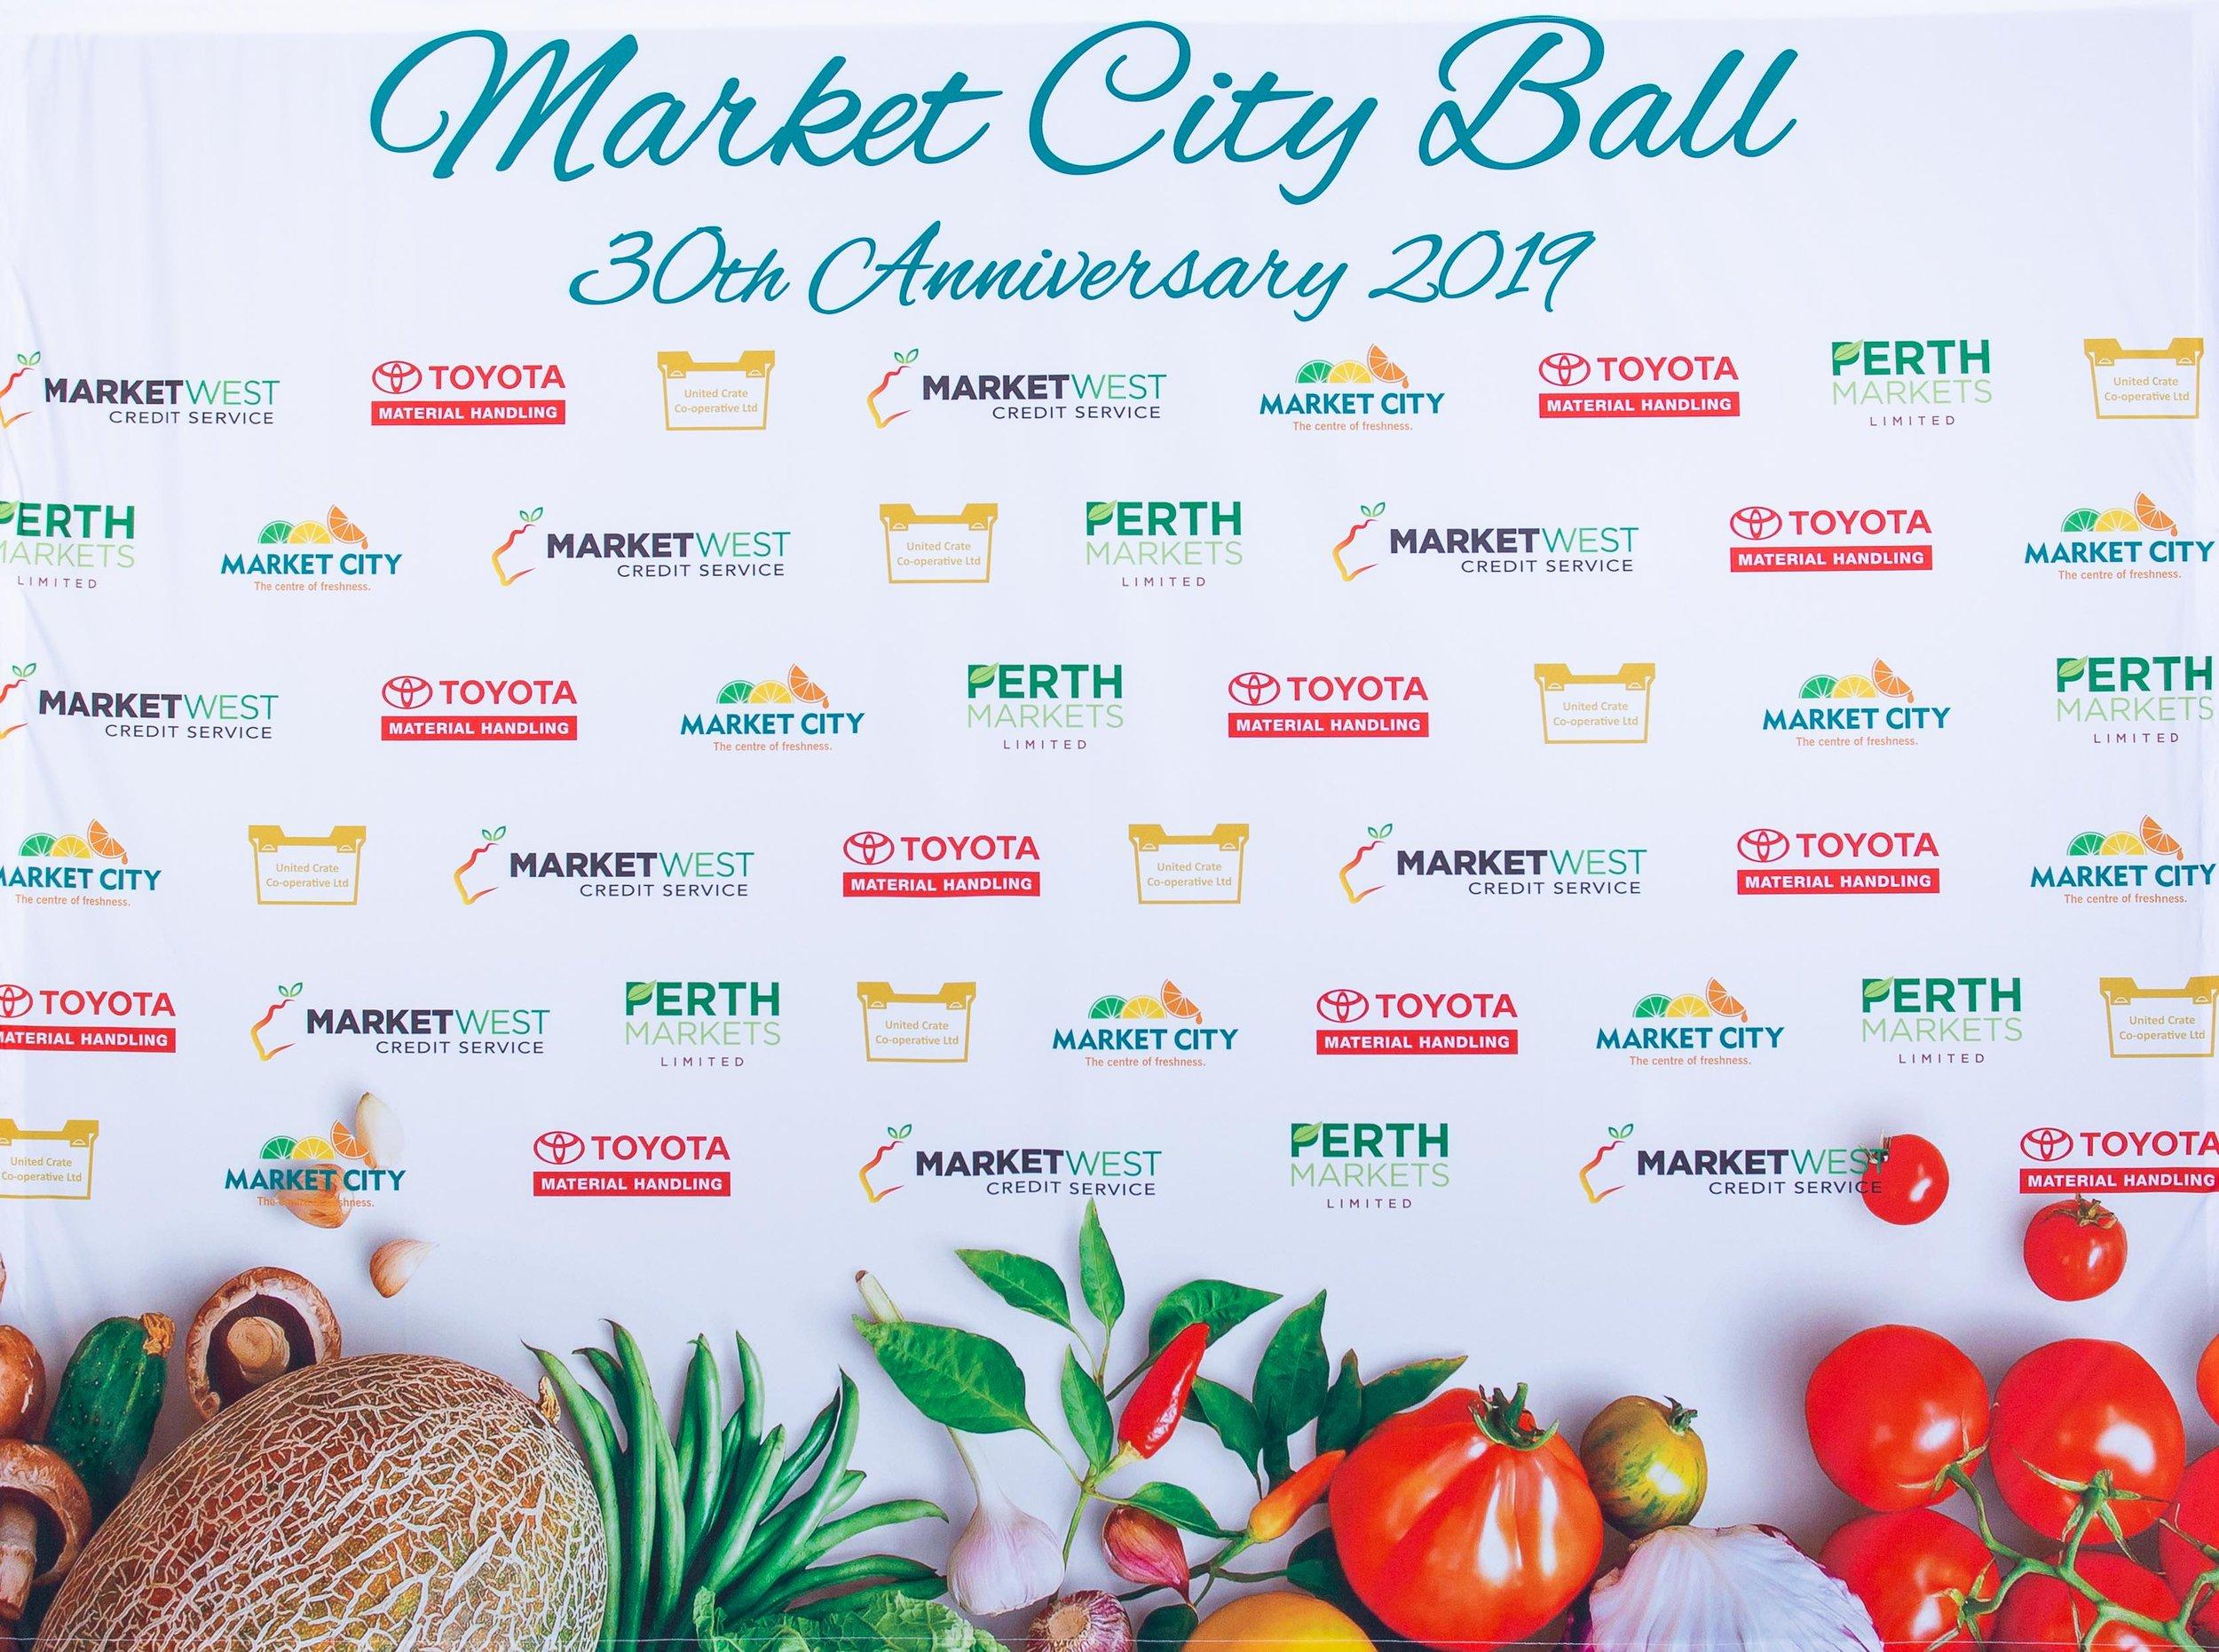 Market City Ball